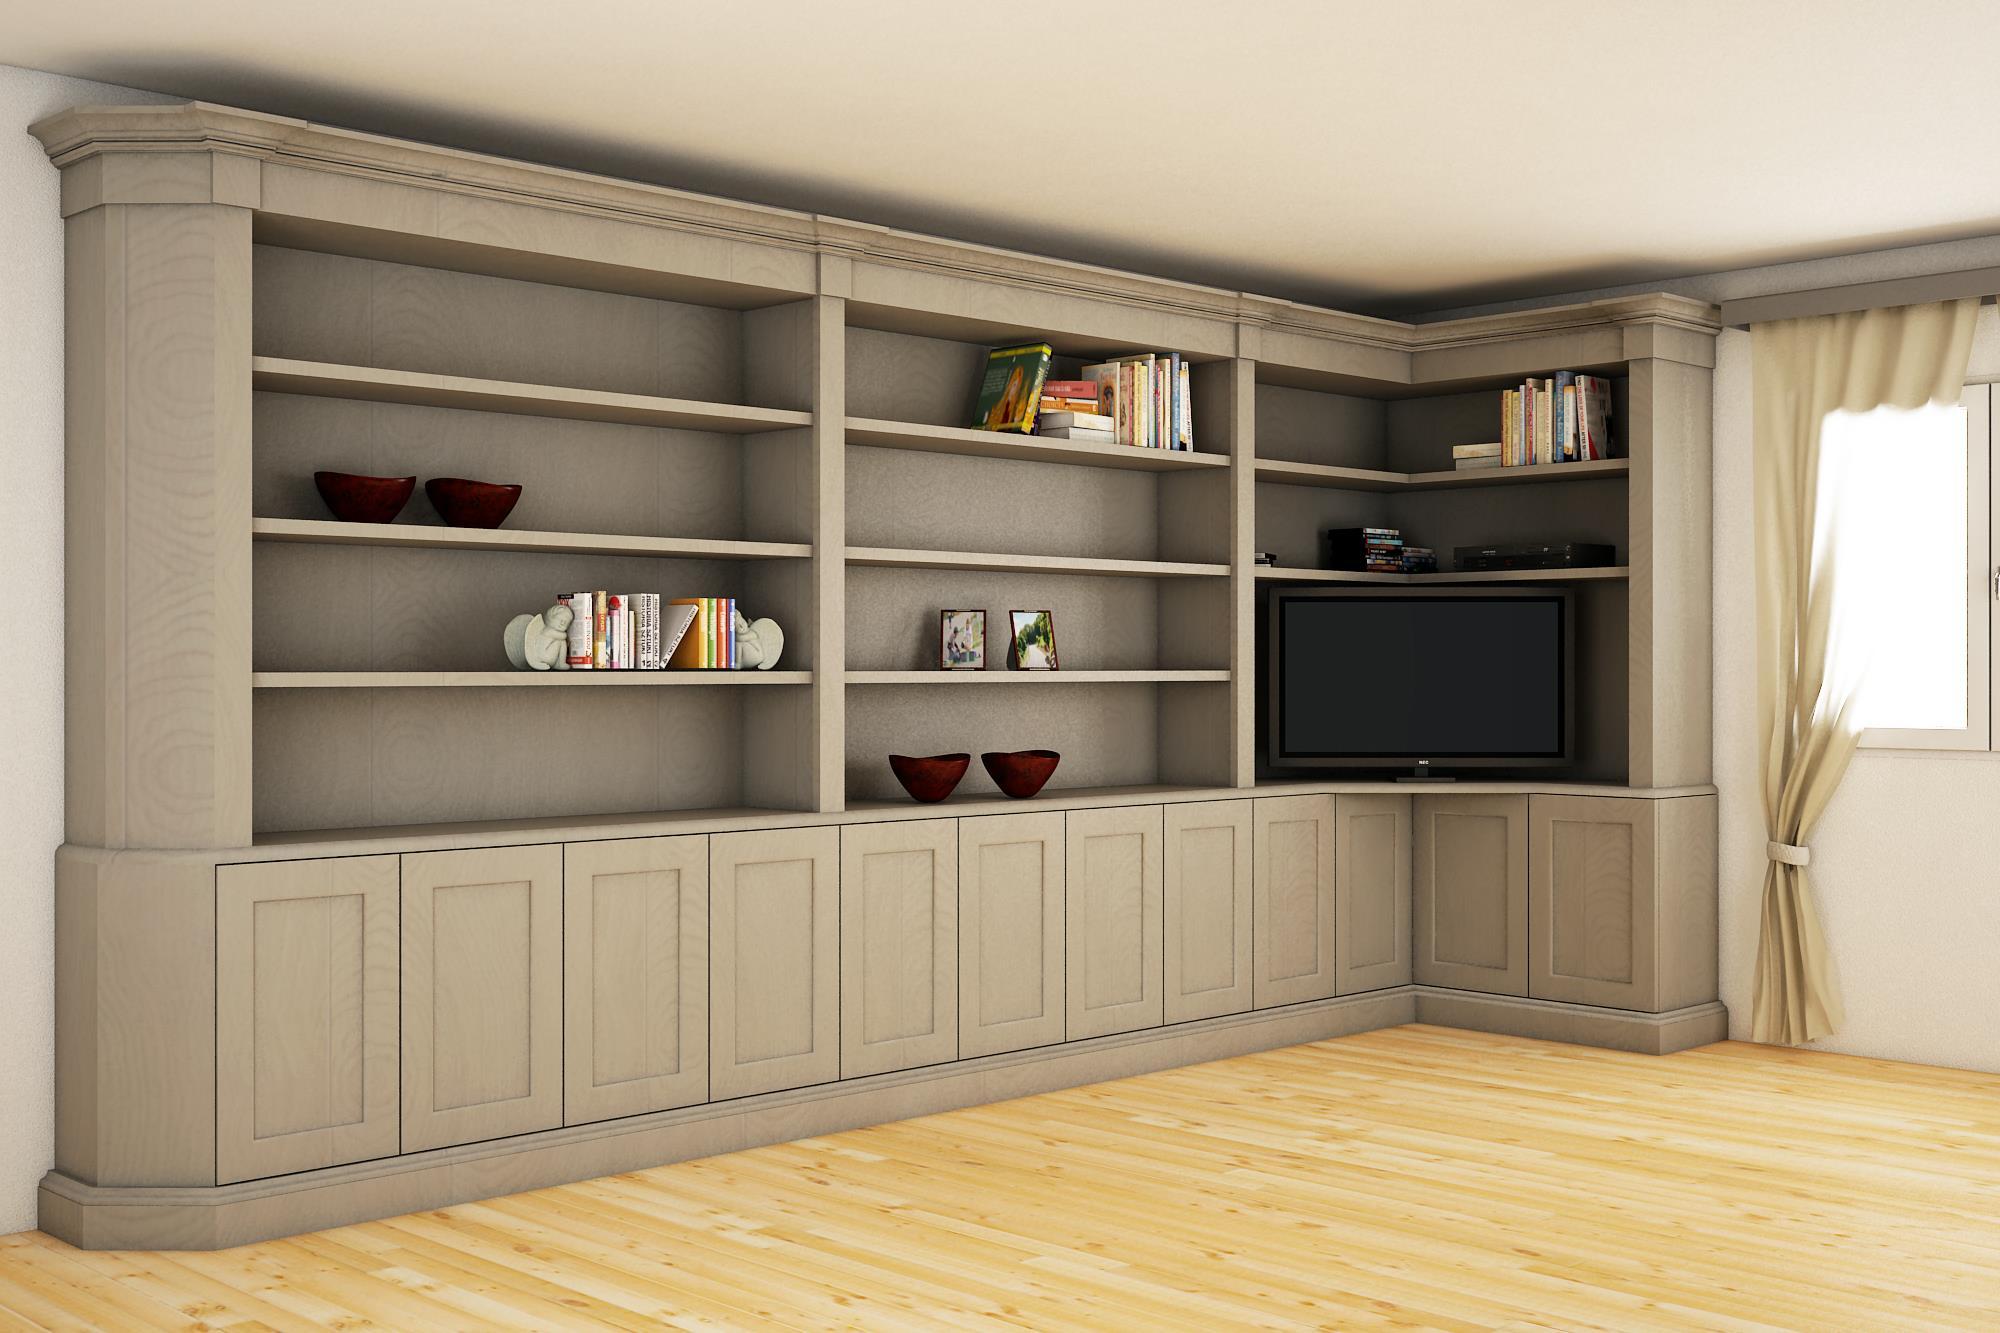 Progetti di ambienti domestici progetti arredamento casa for Progetti di arredamento